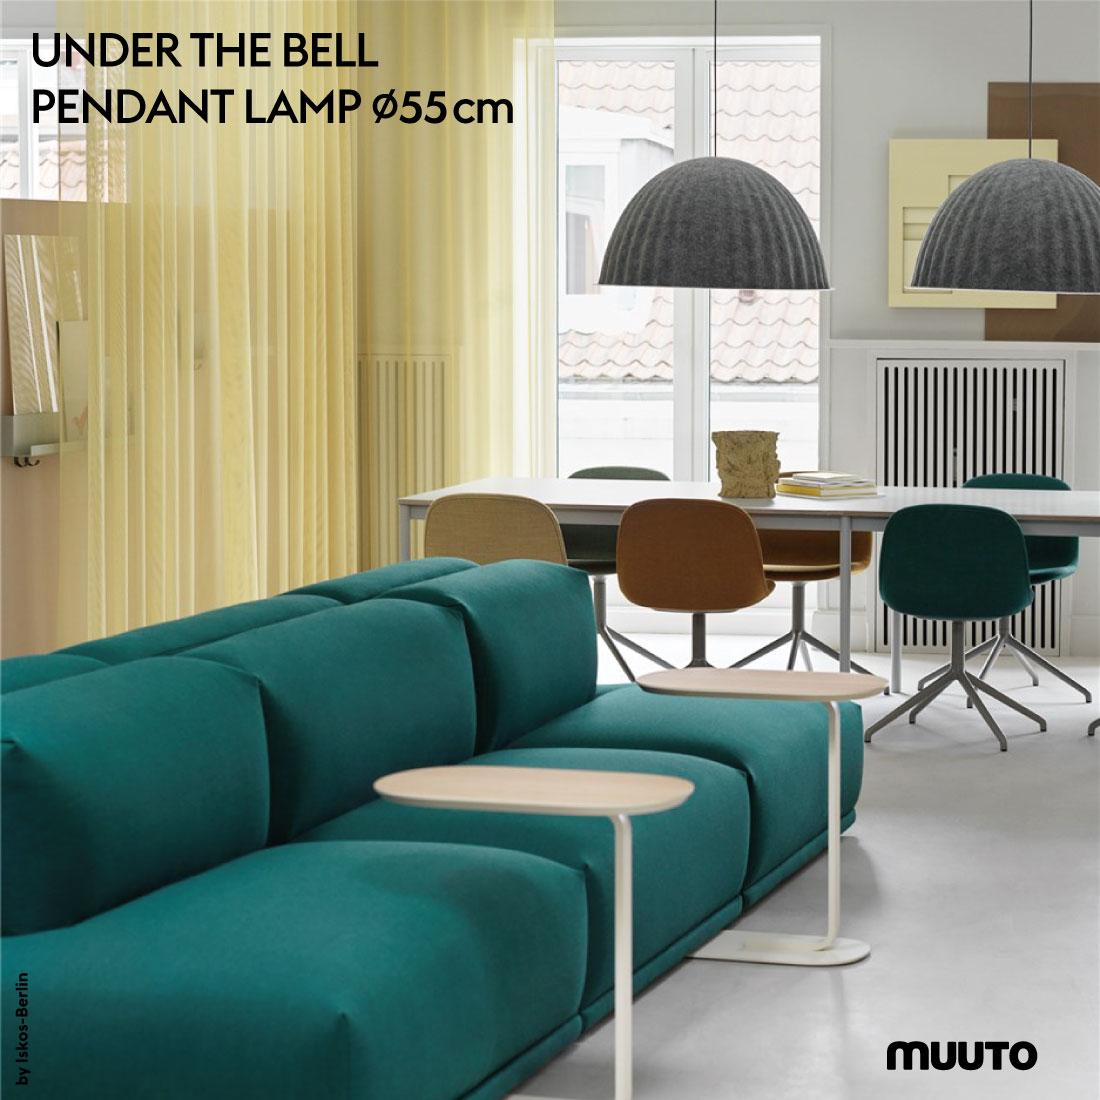 【Muuto/ムート】UNDER THE BELL PENDANT LAMP 55cm/アンダー・ザ・ベル/ペンダントランプ/照明/ライト/Iskos-Berlin/イスコス-ベルリン